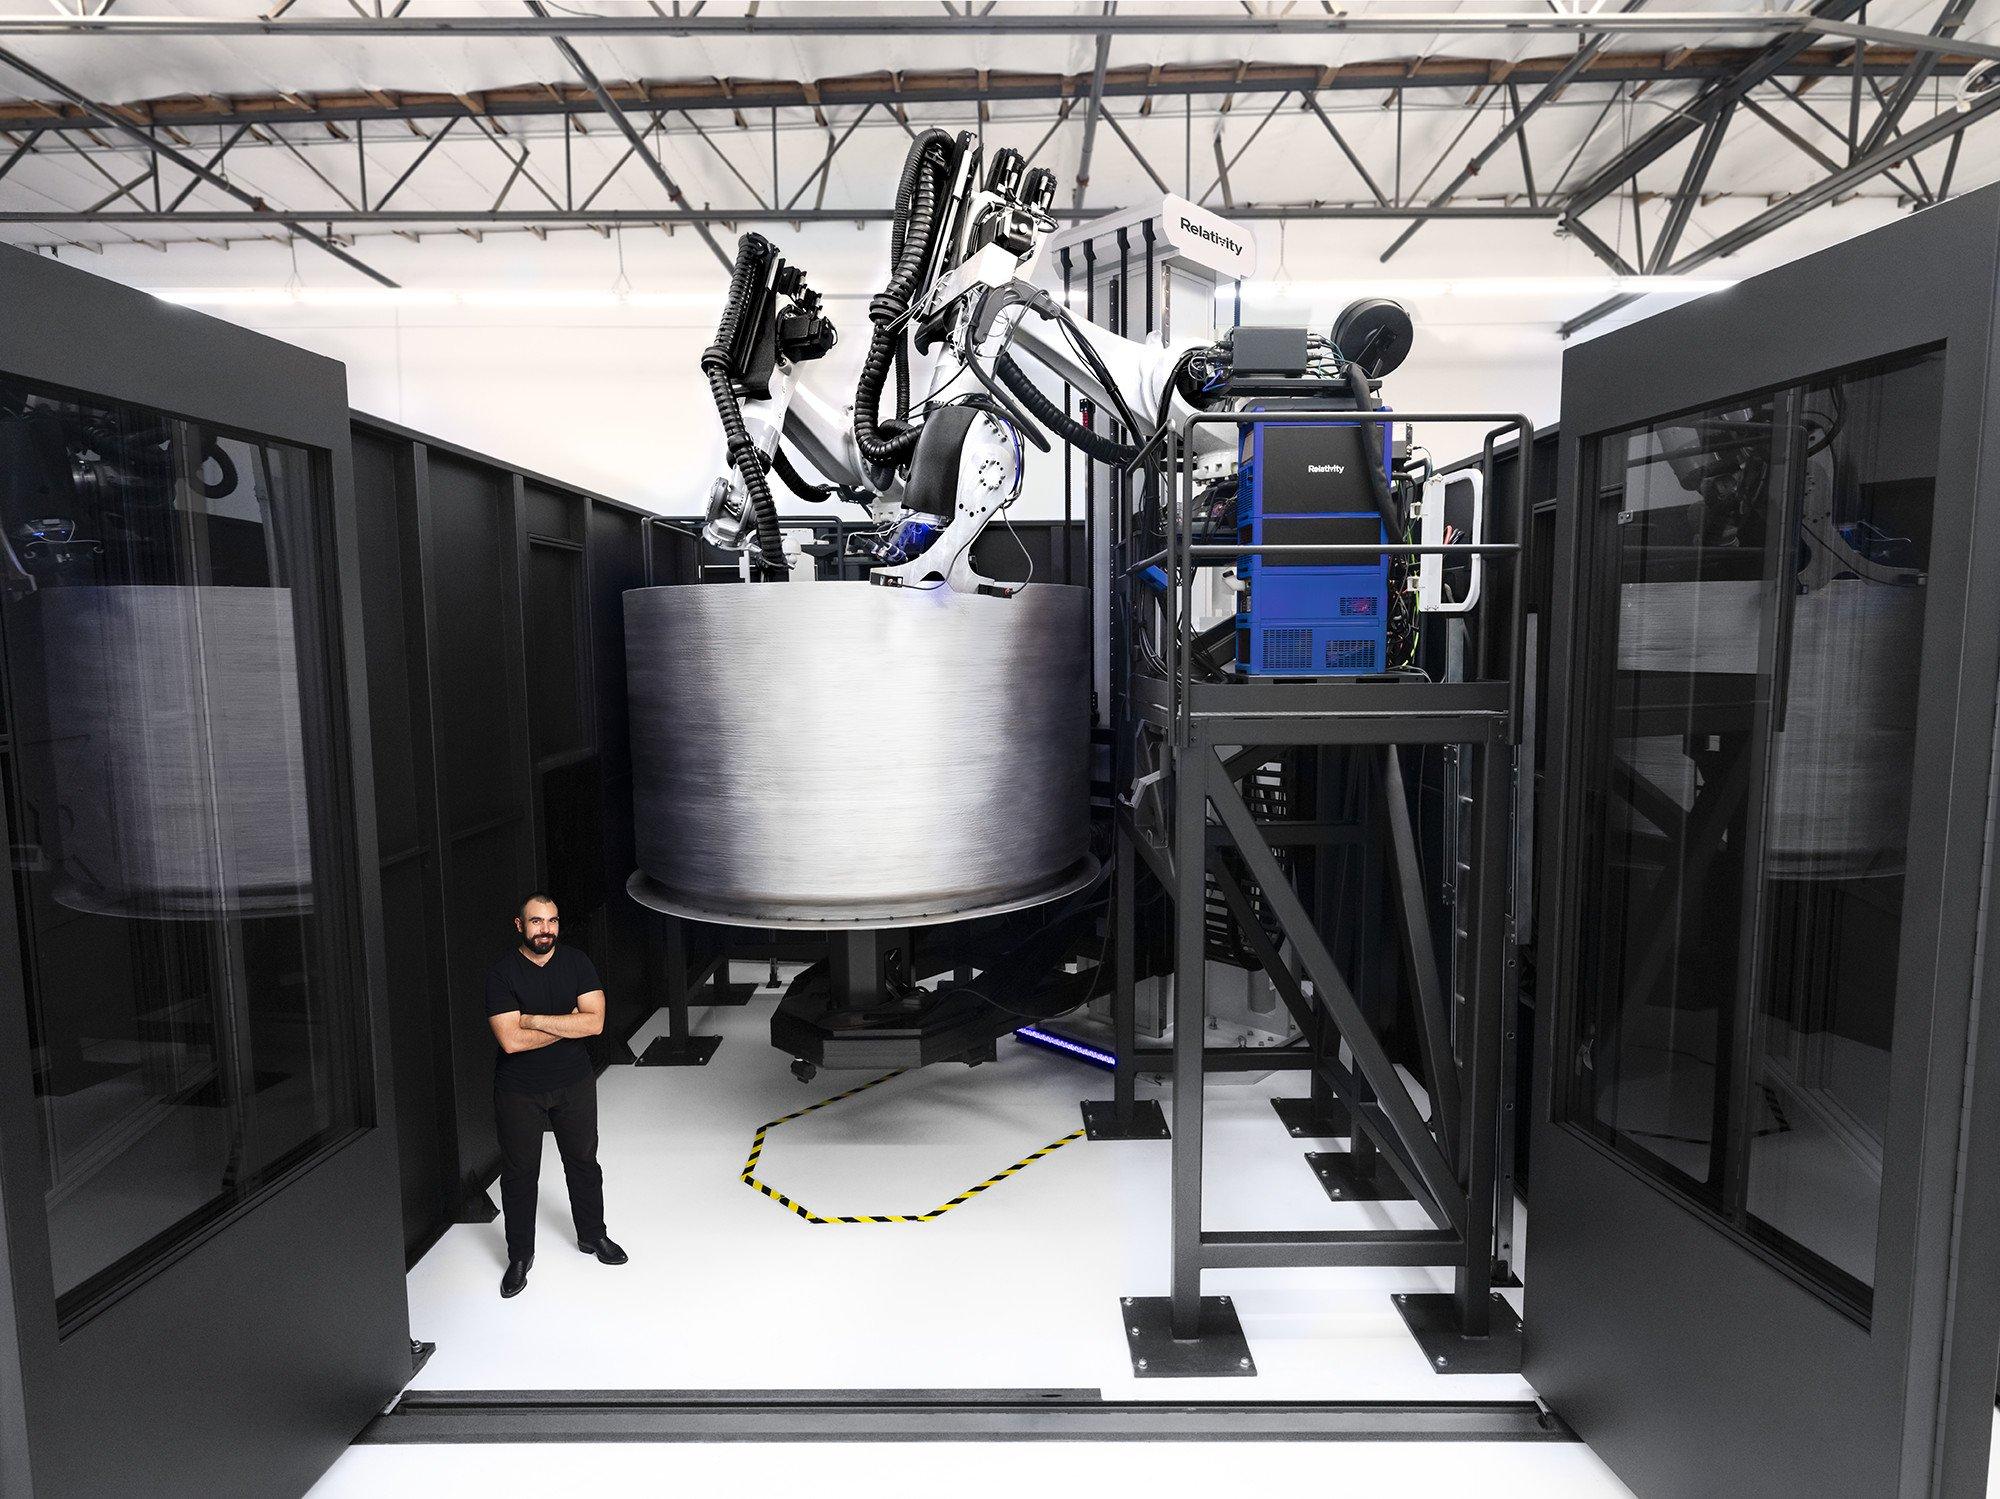 Relativity Space prépare son lanceur imprimé en 3D